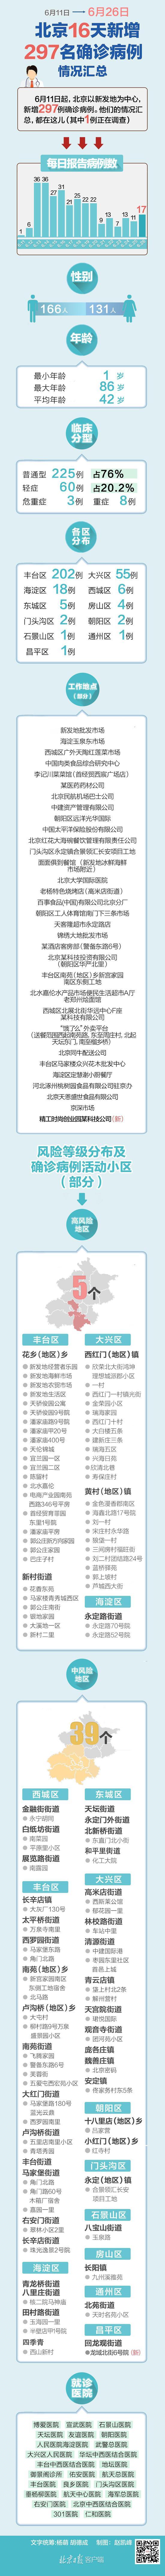 摩天开户:总北京16天新增摩天开户297图片